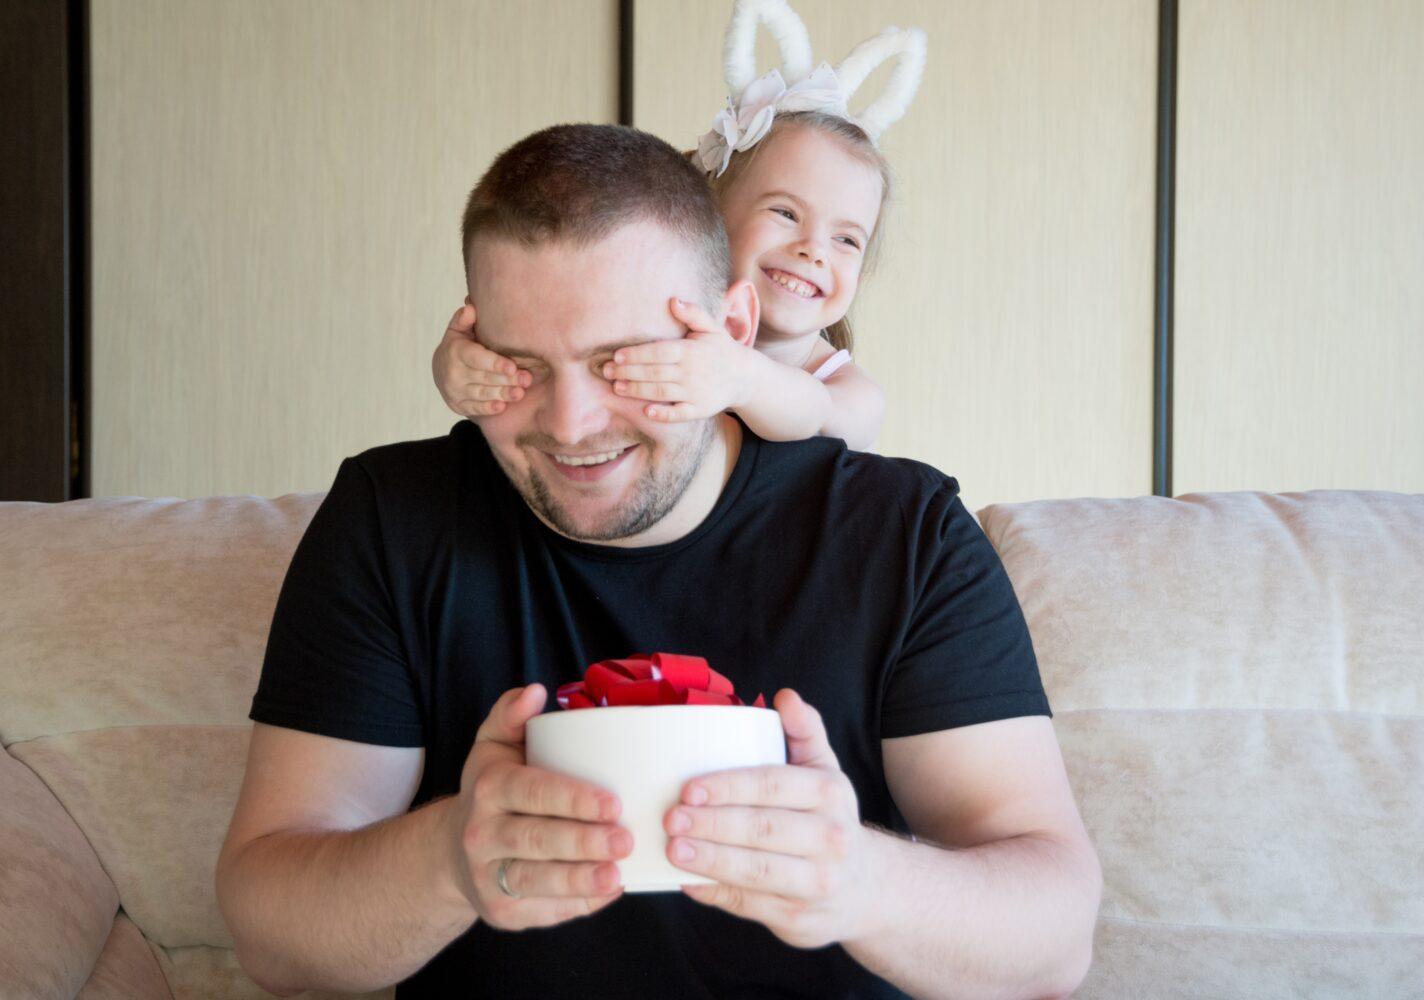 Het Gezinsleven - Moeder en Kind - Moederskindje: wat als jouw kind alleen maar bij jou wil zijn? - Papa verrassen